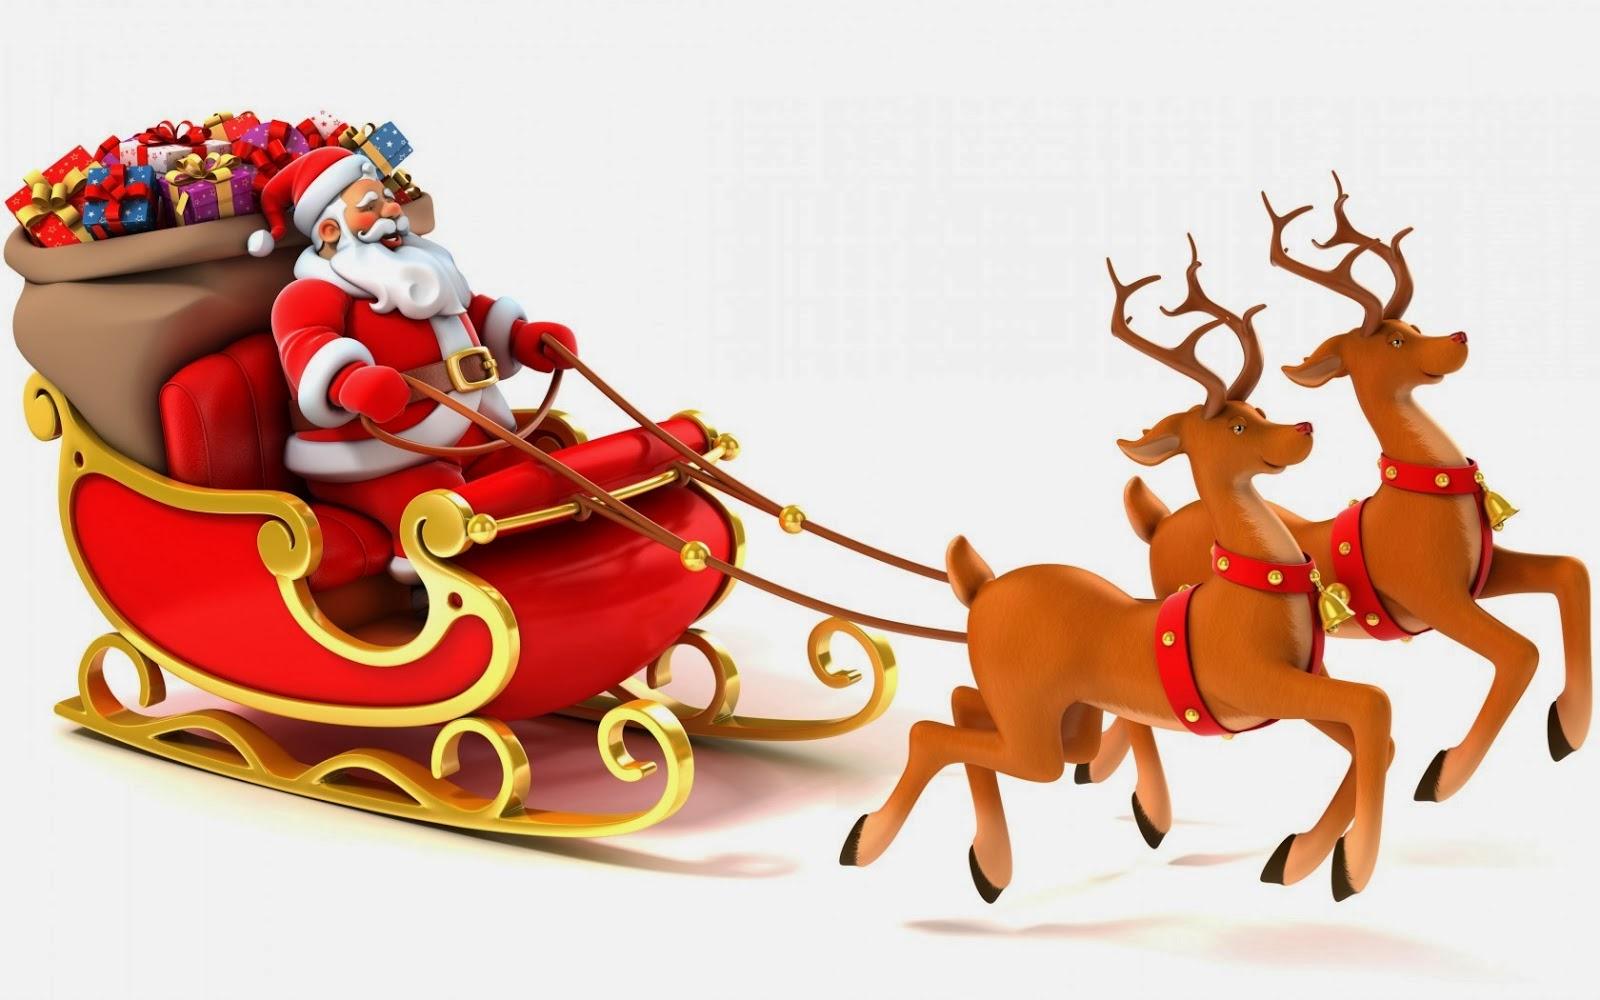 Uncategorized Imagenes Santa Claus de santa claus descargar gratis imagenes jpg 5